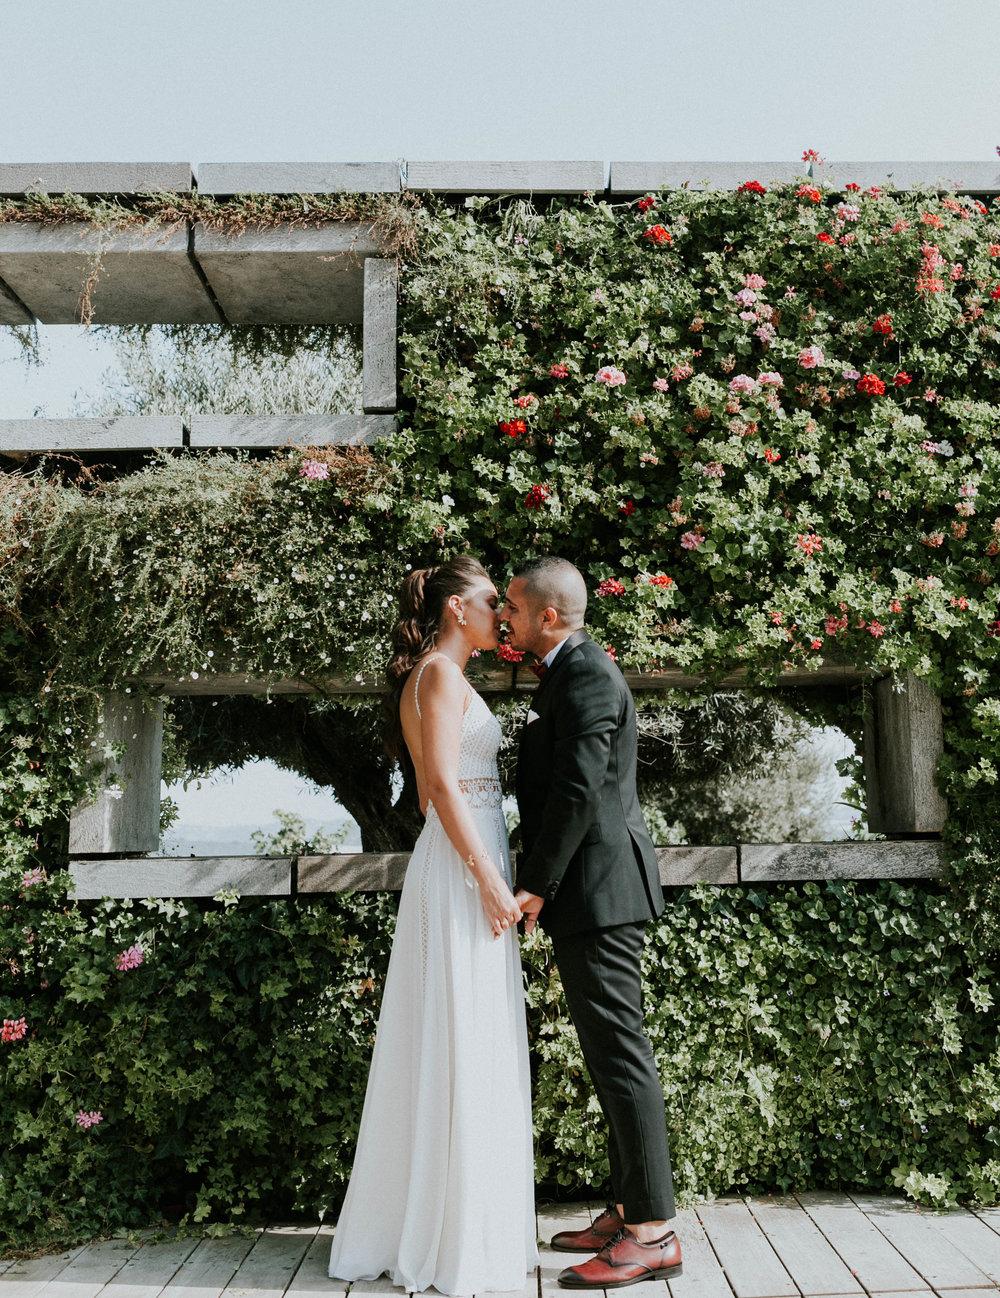 חתונה קטנה-ירושלים-6003.JPG